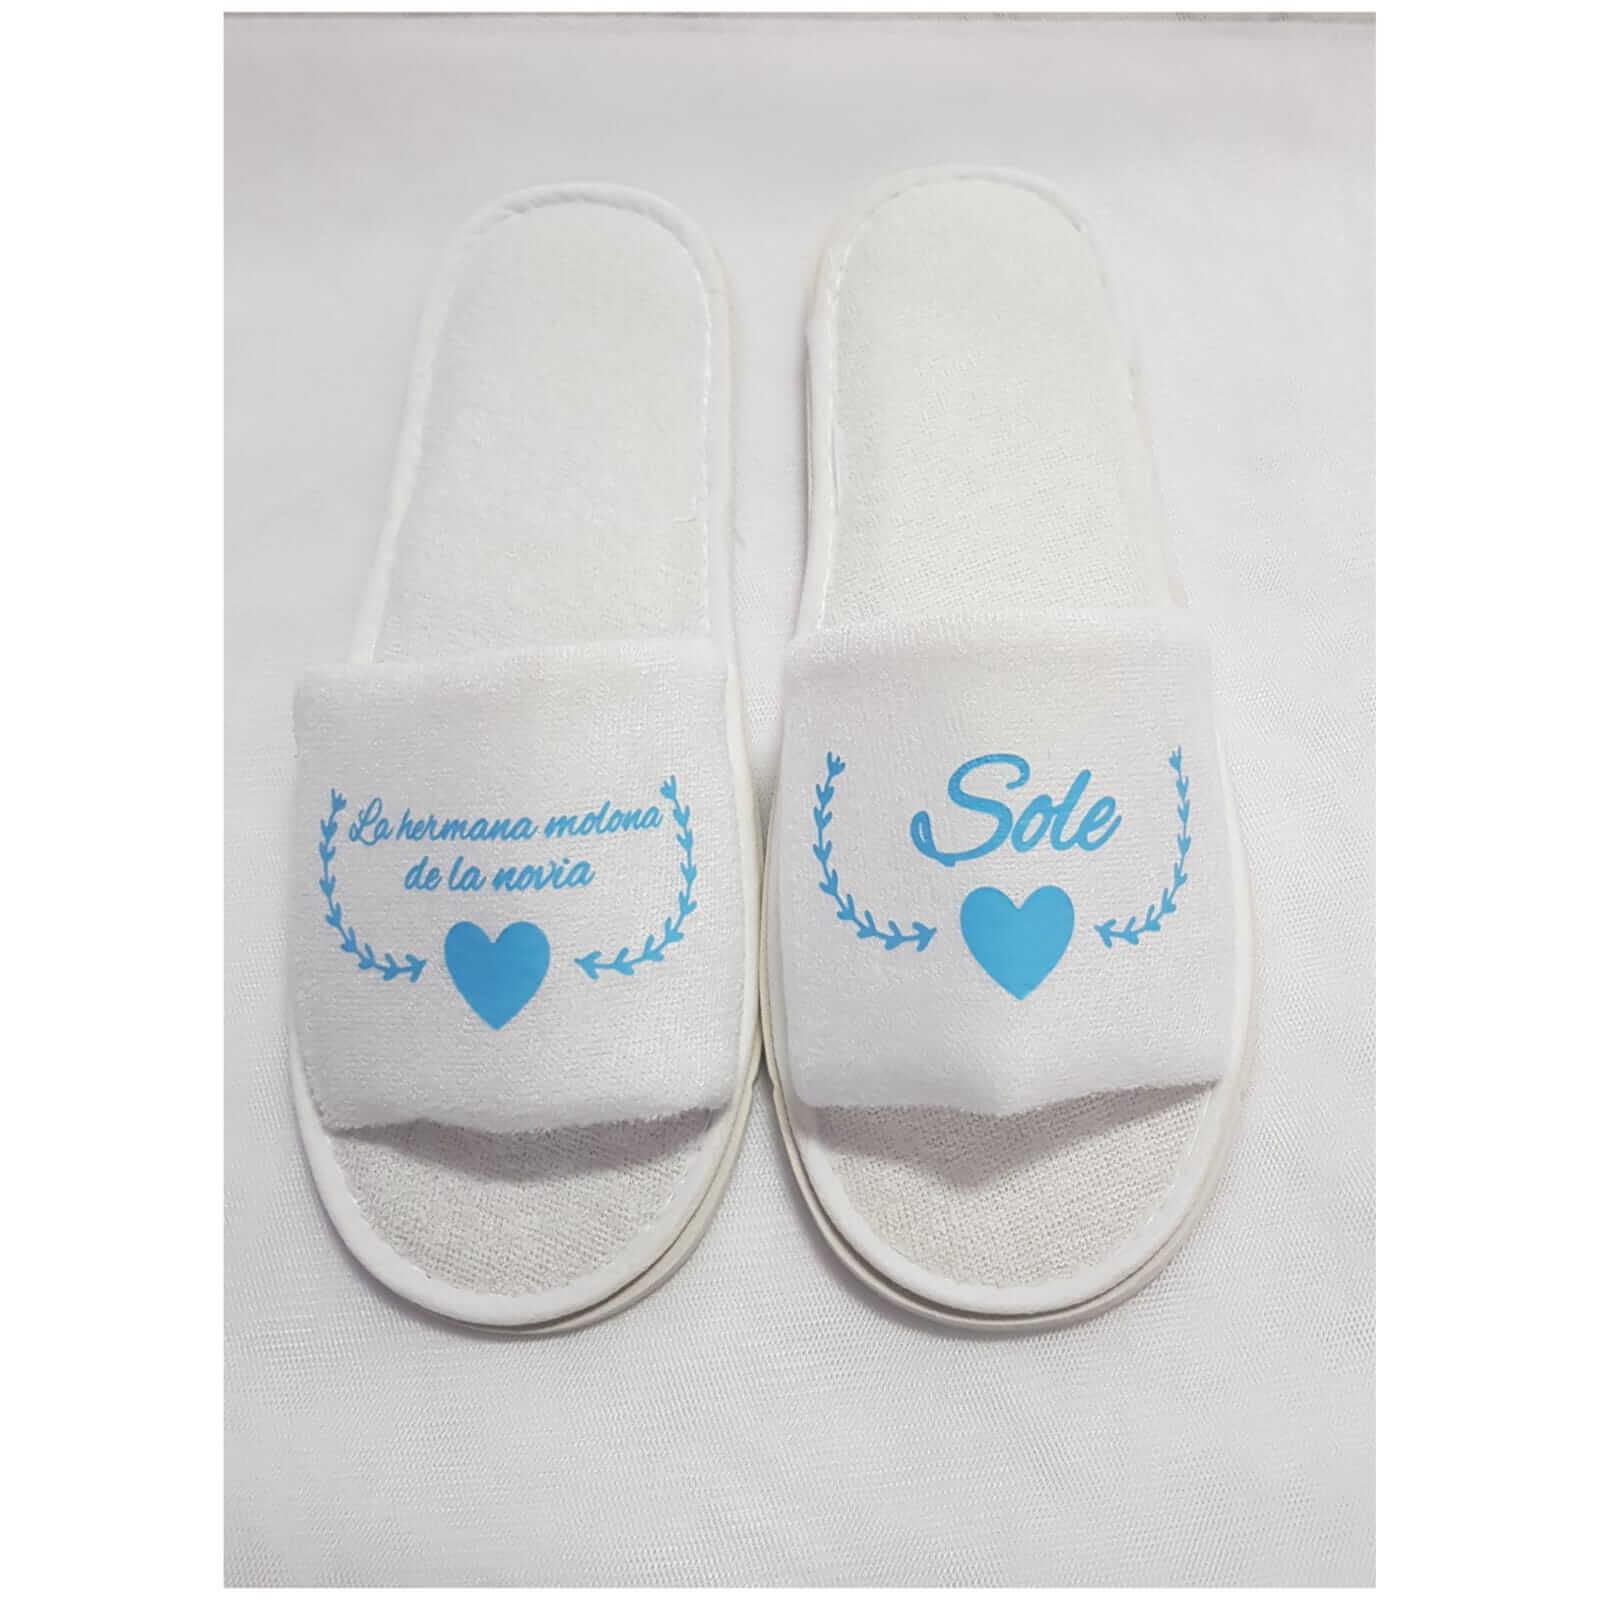 Zapatillas personalizadas novia zapatillas personalizadas novia - Zapatillas Personalizadas detalles boda porlanovia 4 - Zapatillas personalizadas novia | Zapatillas personalizadas boda